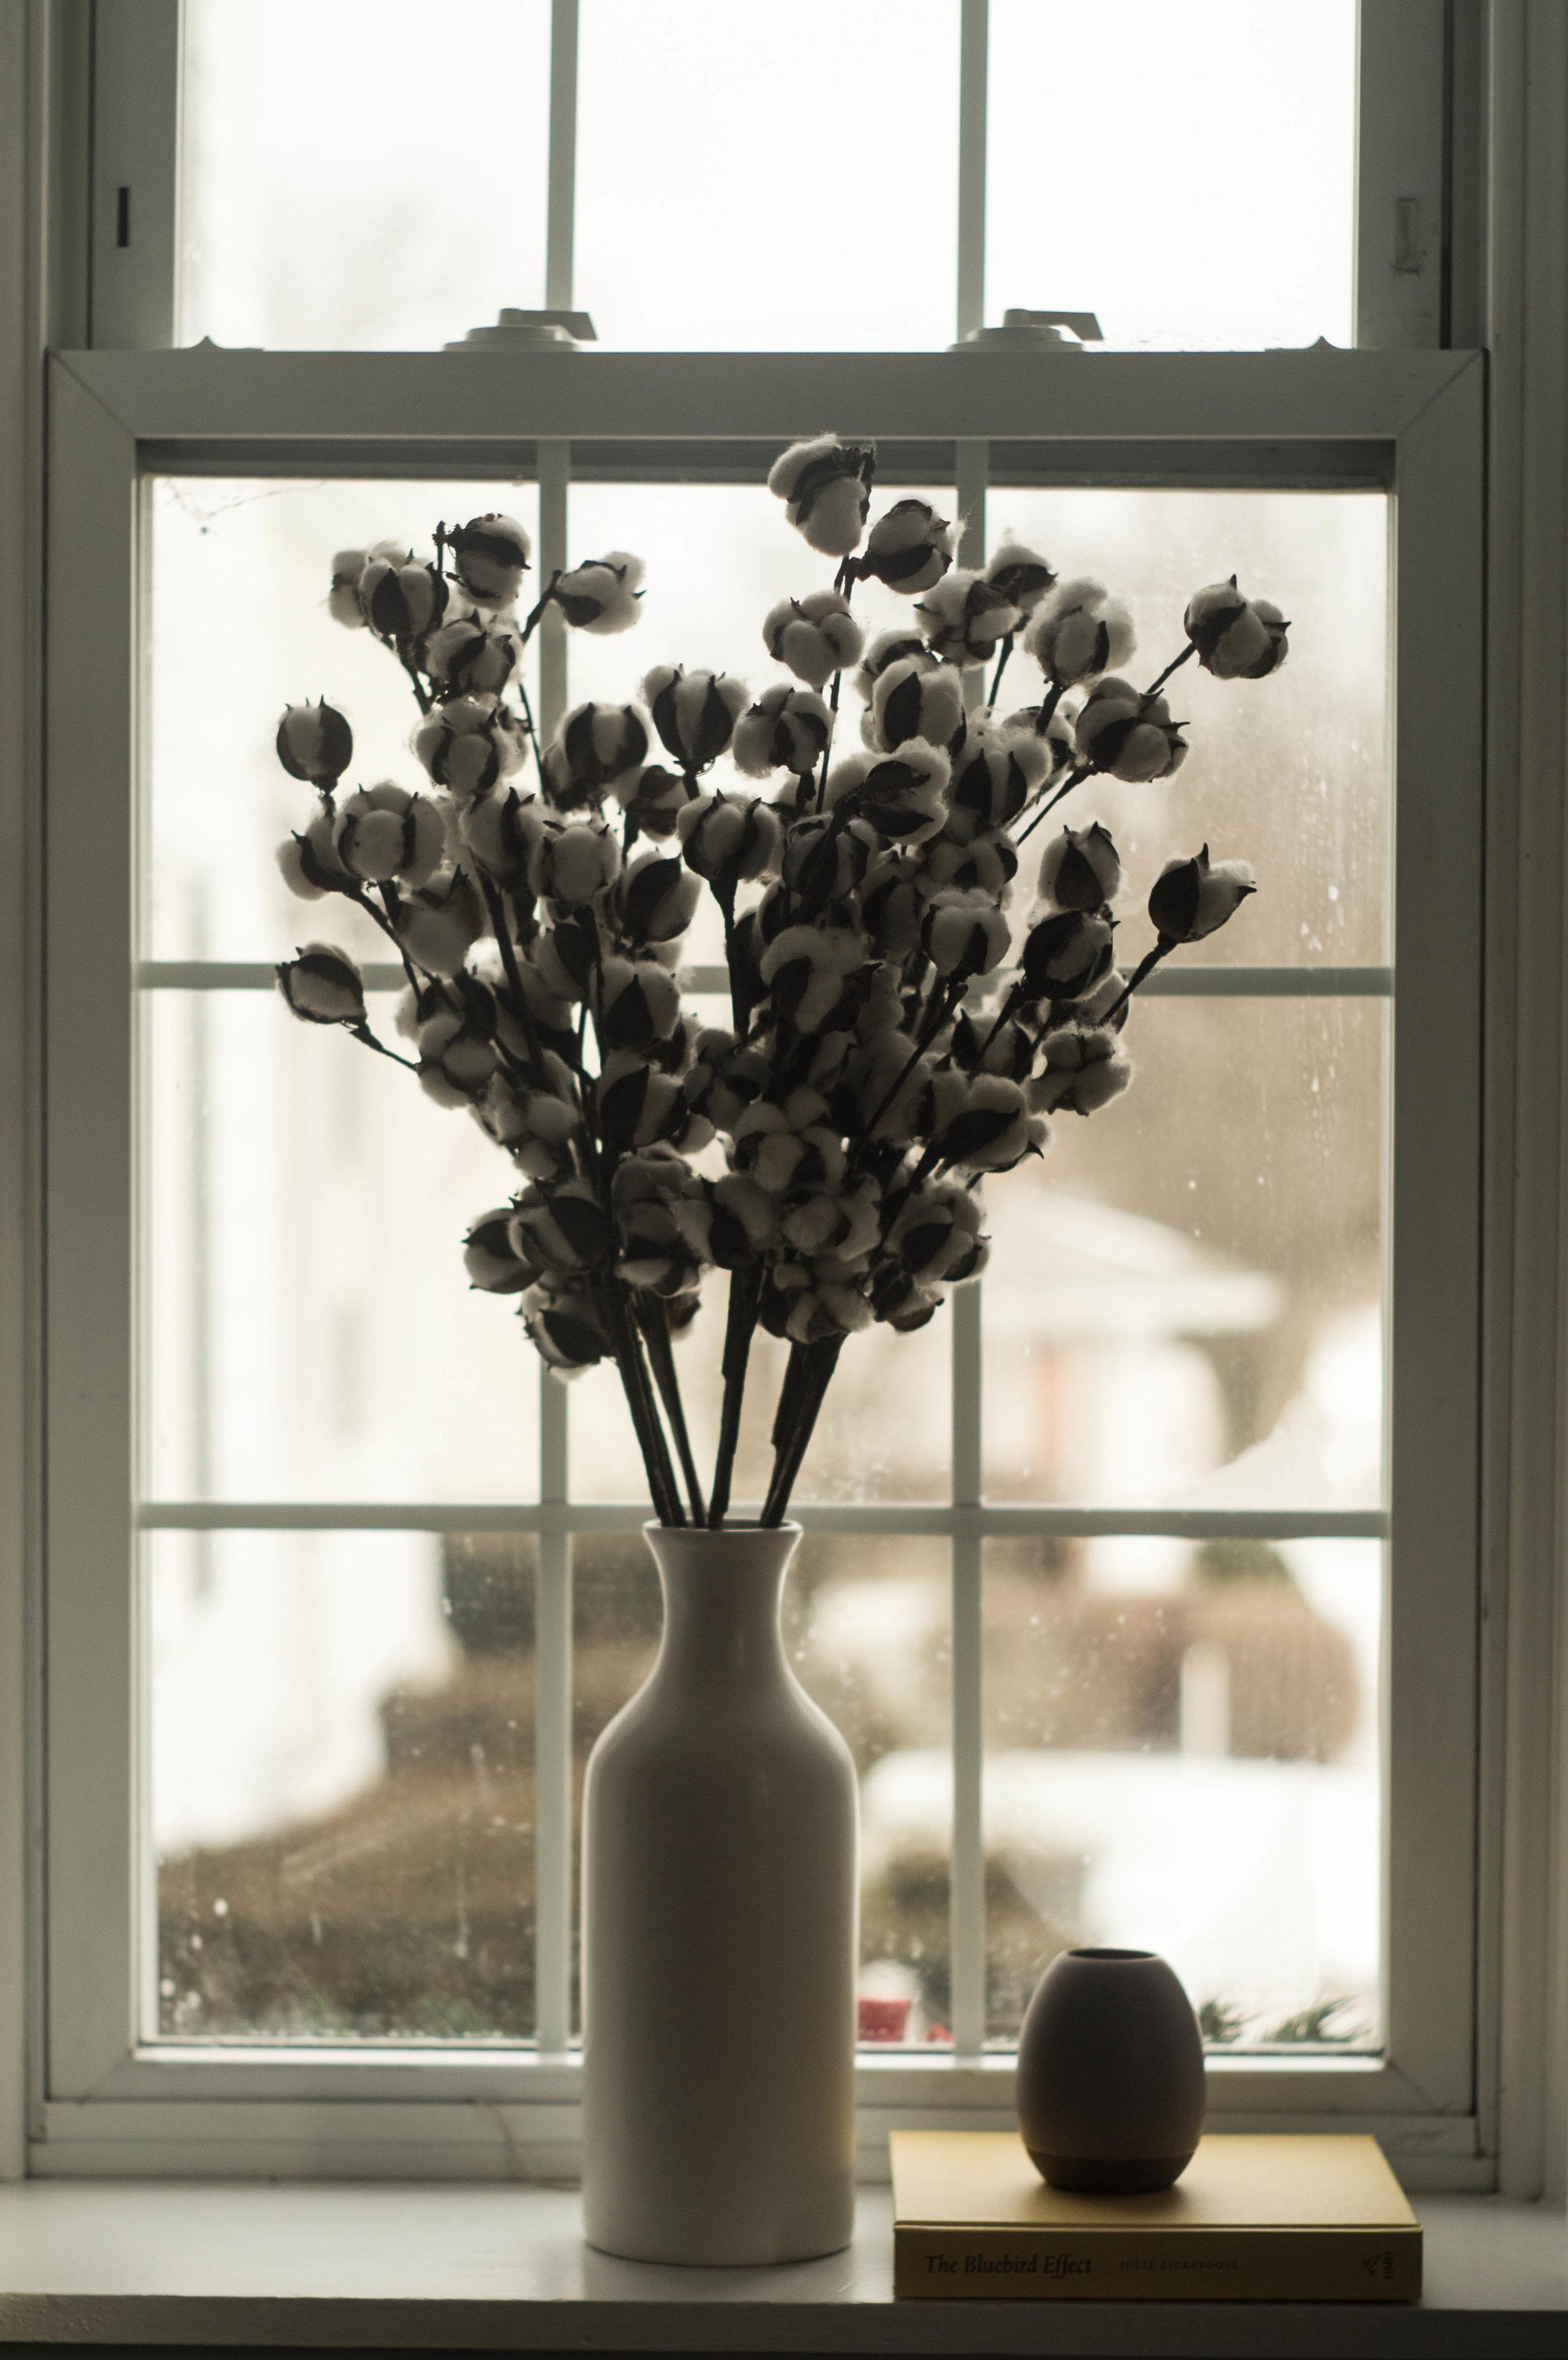 cotton pods flower vase windowsill image by samantha spigos